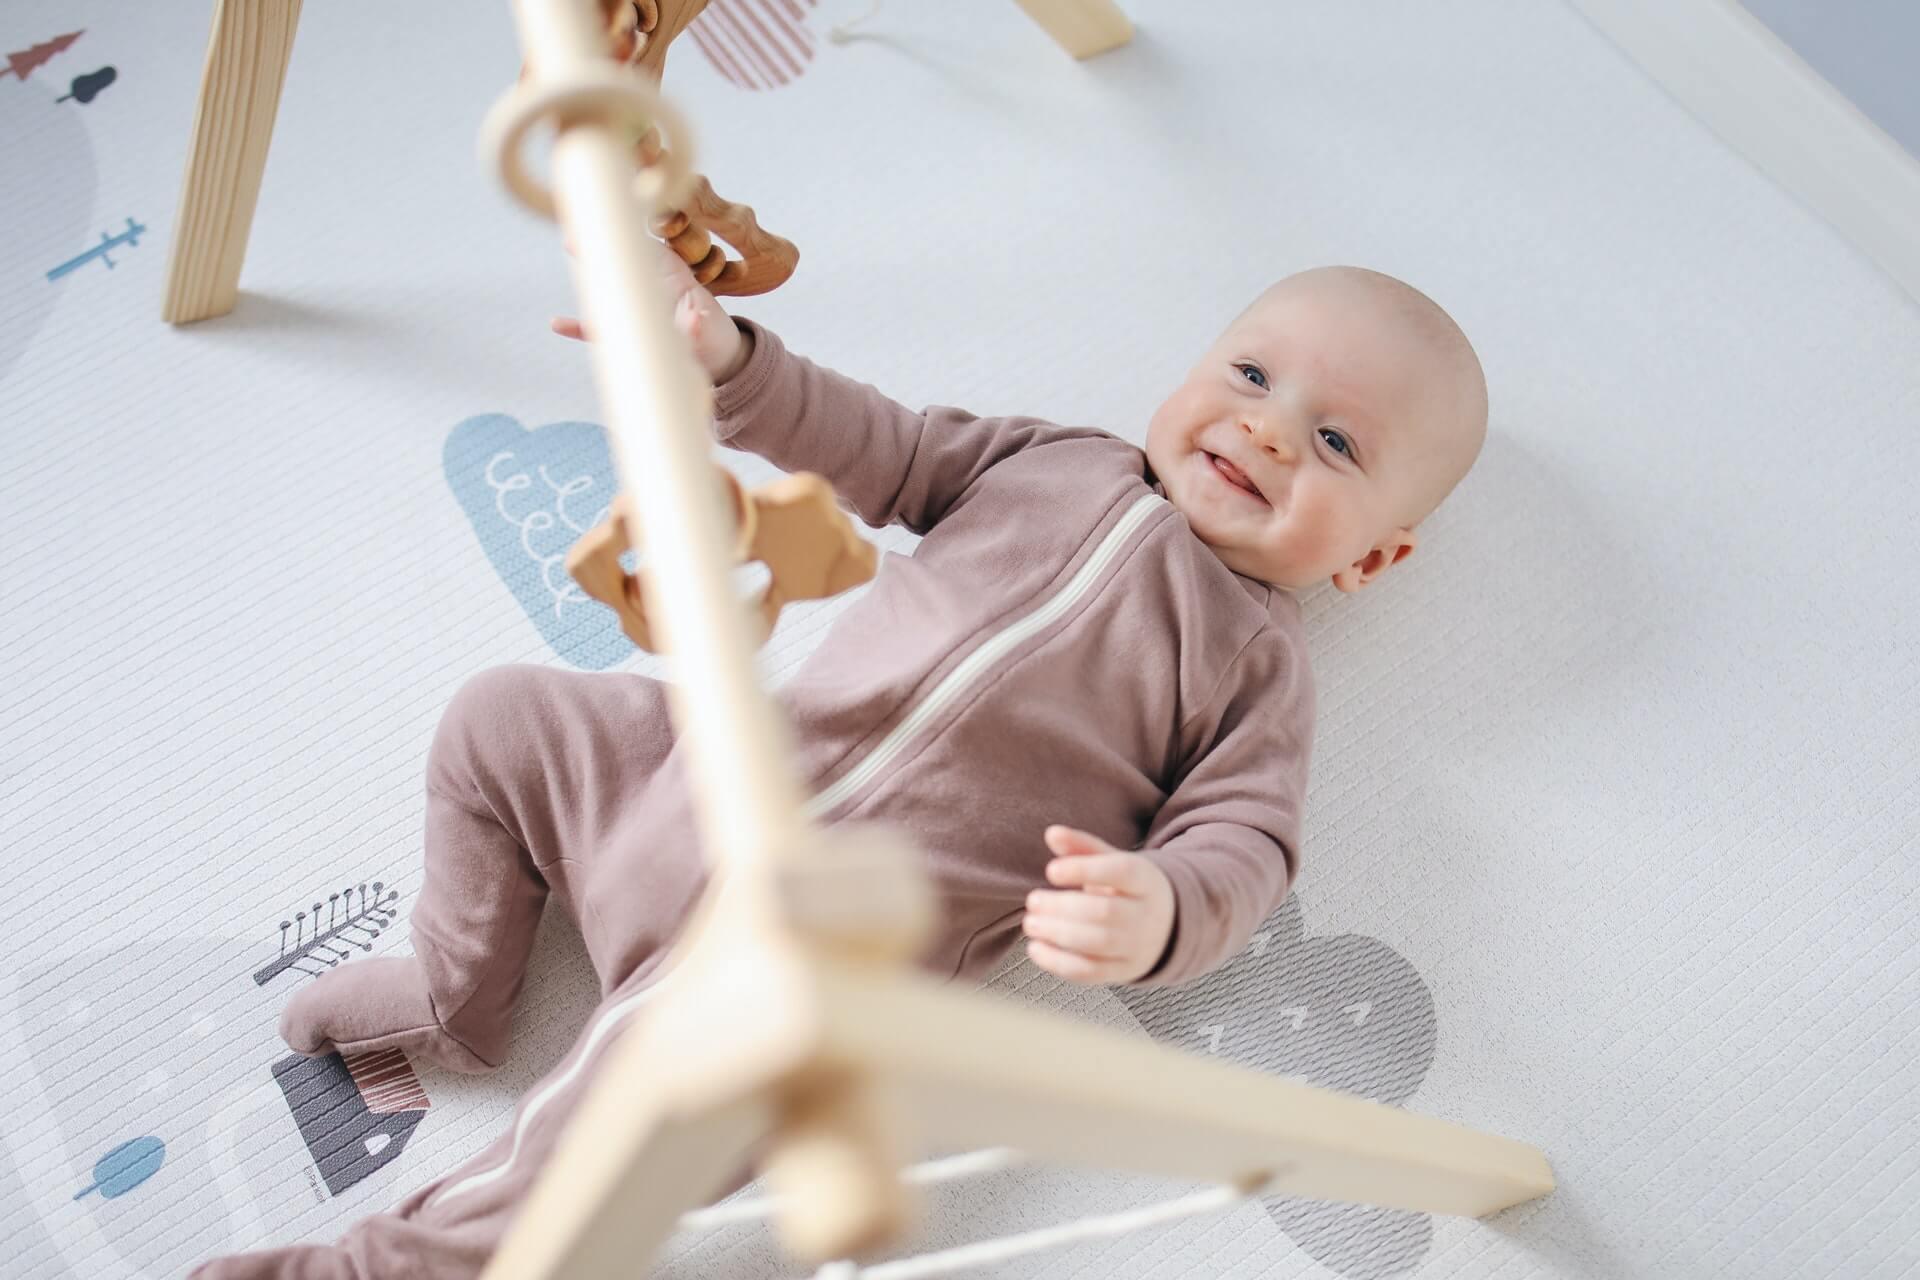 Hračky pre bábätká – ako pomáhajú k správnemu vývoju?